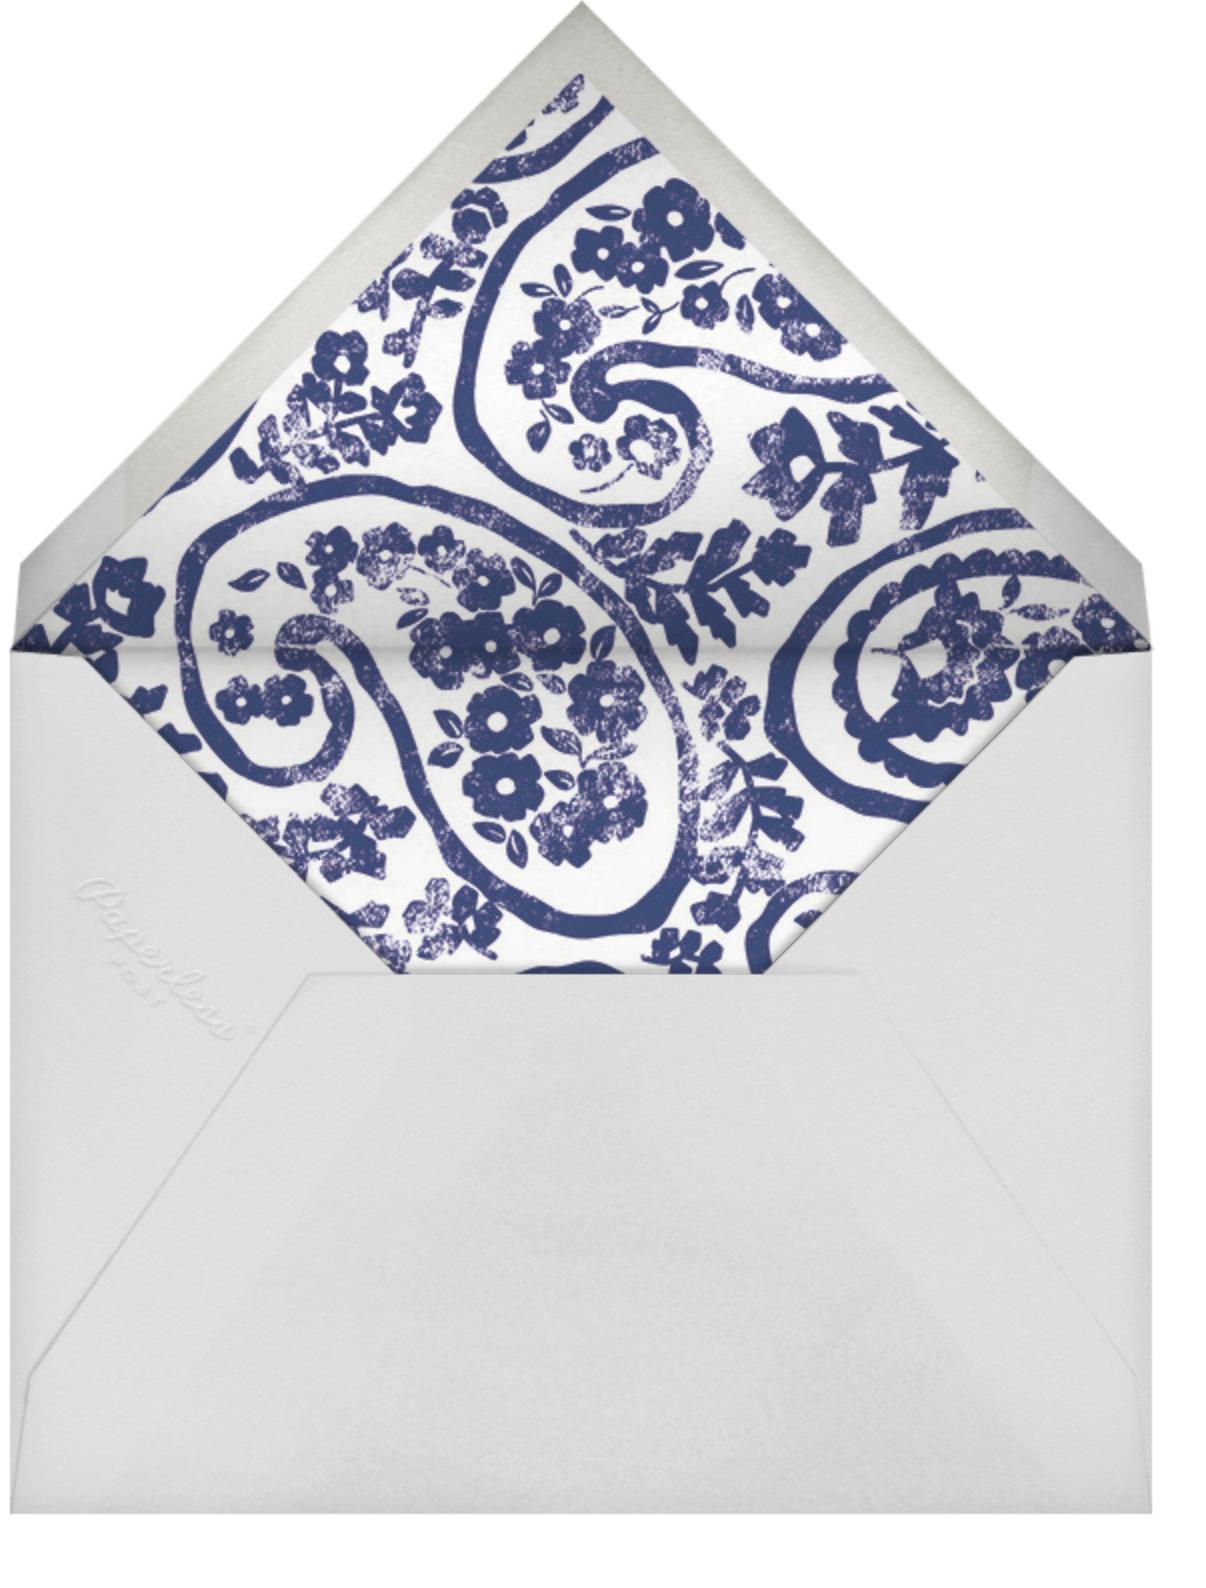 Party Platter - Crate & Barrel - Housewarming - envelope back